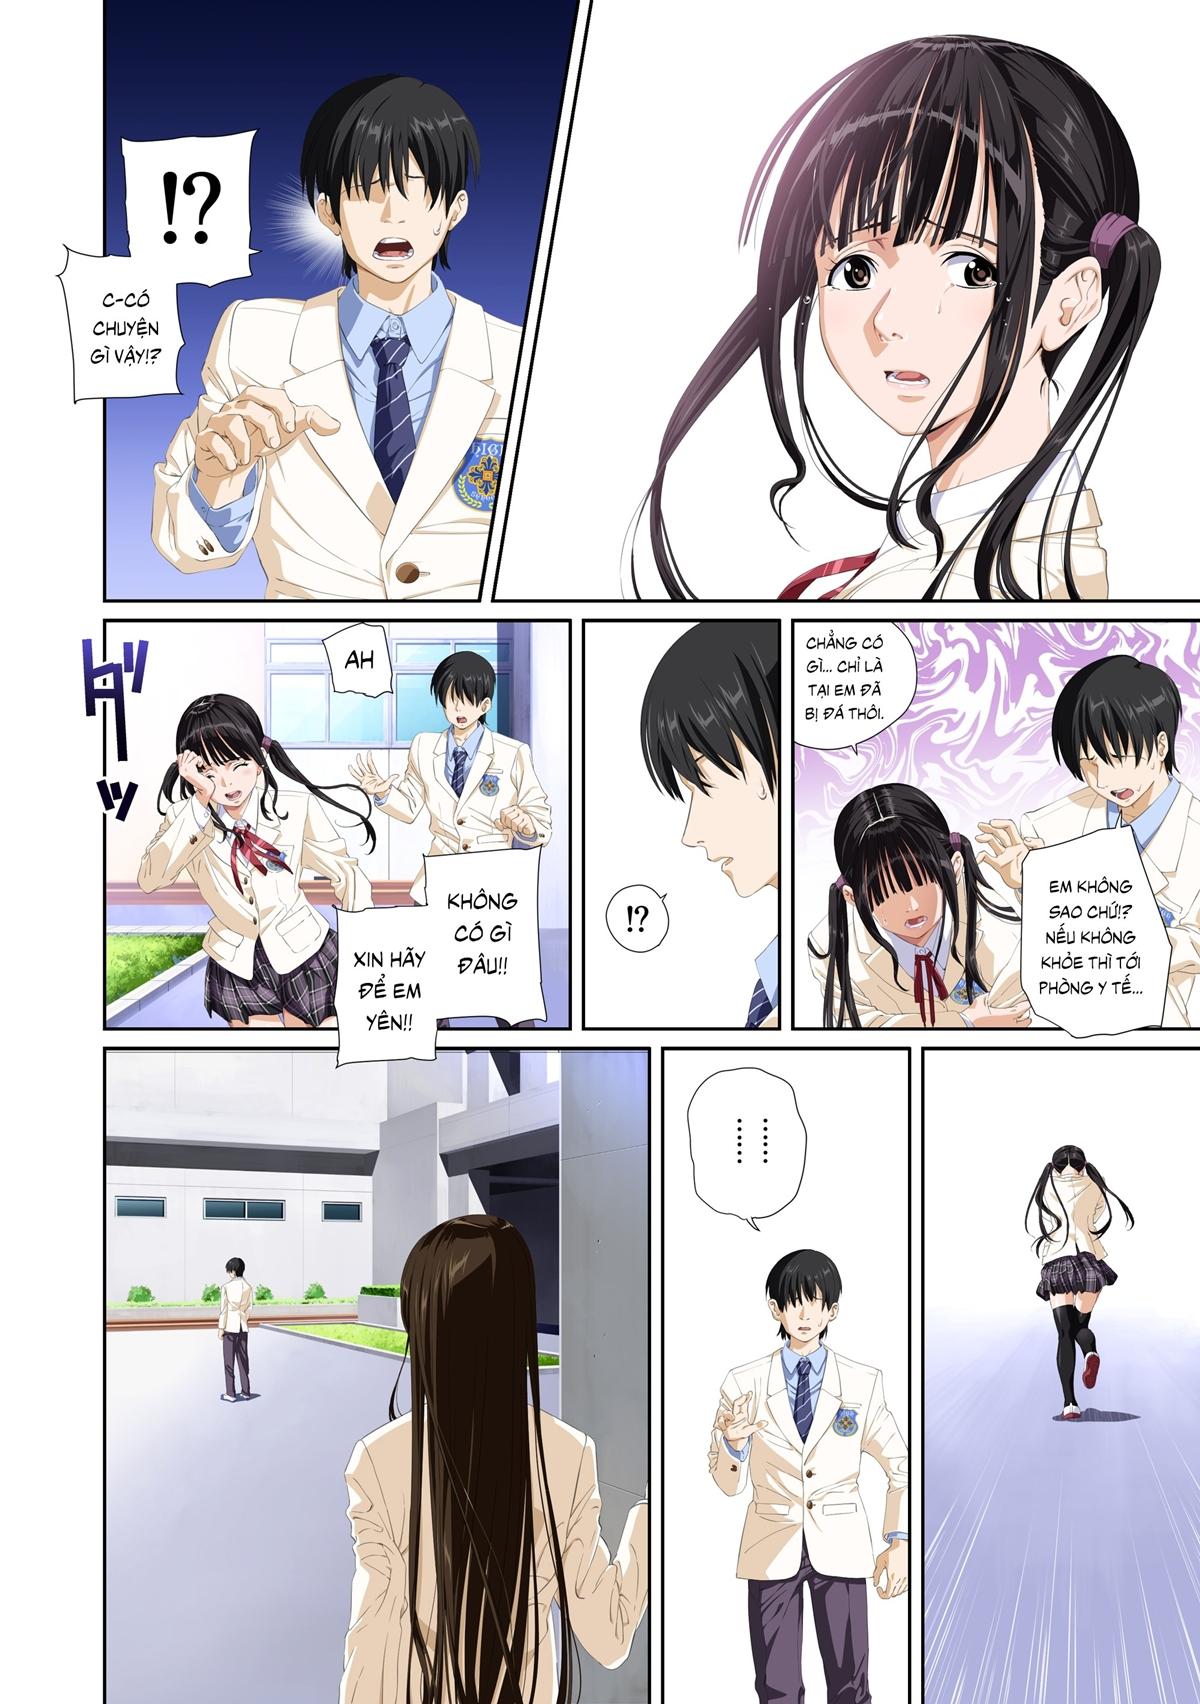 Truyện tranh sex địt em mỹ nhân trường học - Chap 8 - Truyện Hentai